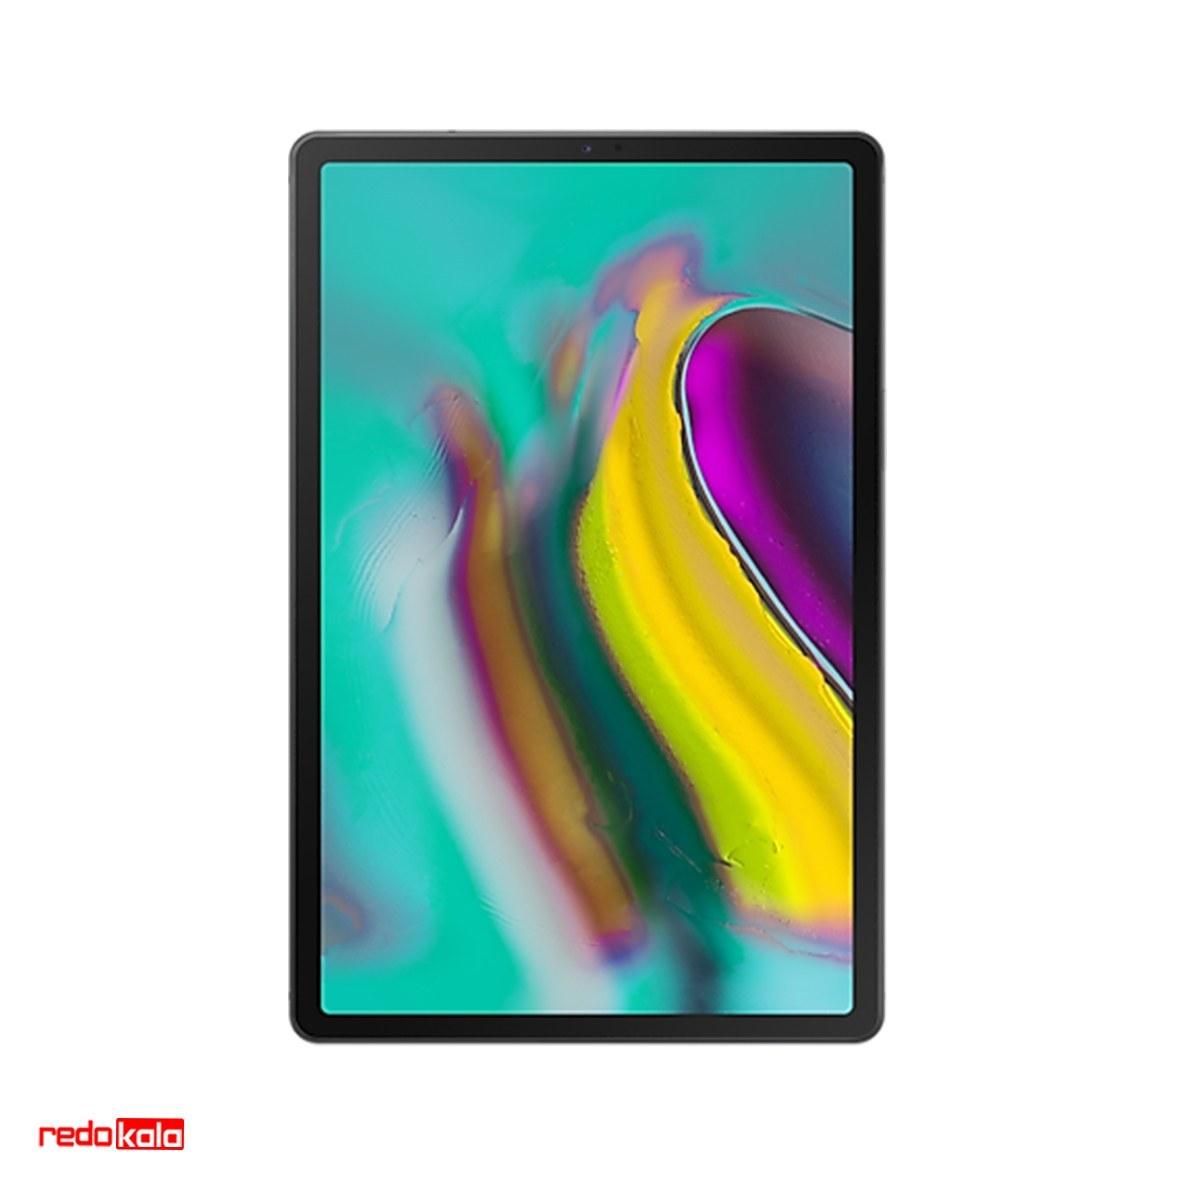 تصویر تبلت سامسونگ مدل Galaxy Tab S5e ظرفیت 64 گیگابایت رام4